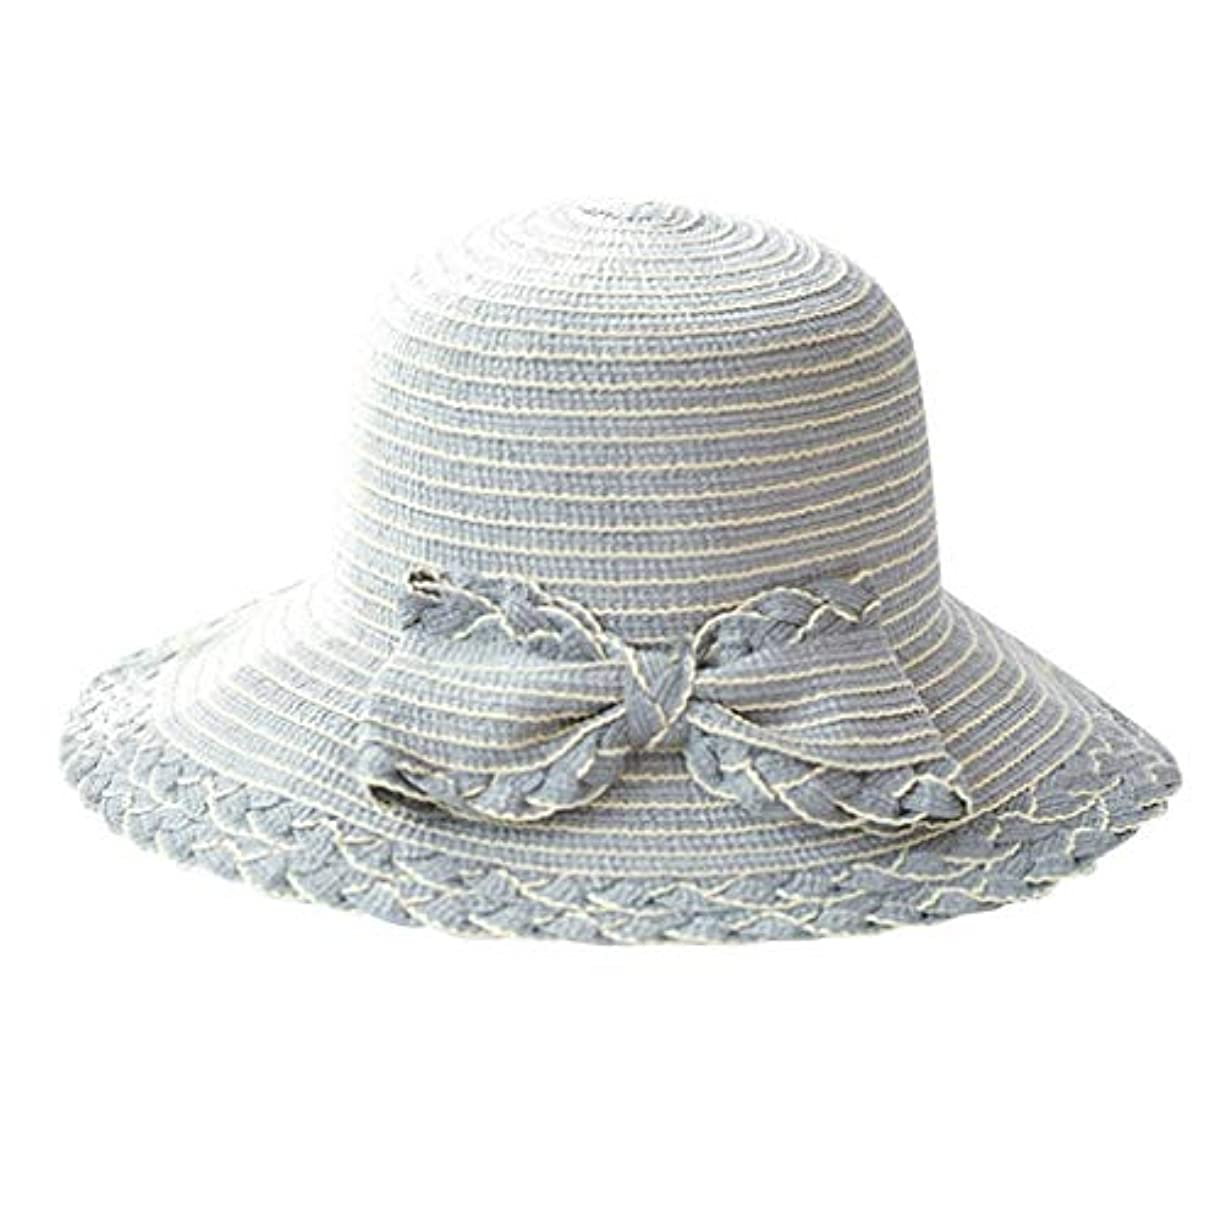 繰り返す圧倒するアクロバット夏 帽子 レディース UVカット 帽子 ハット レディース 日よけ 夏季 女優帽 日よけ 日焼け 折りたたみ 持ち運び つば広 吸汗通気 ハット レディース 紫外線対策 小顔効果 ワイヤー入る ハット ROSE ROMAN